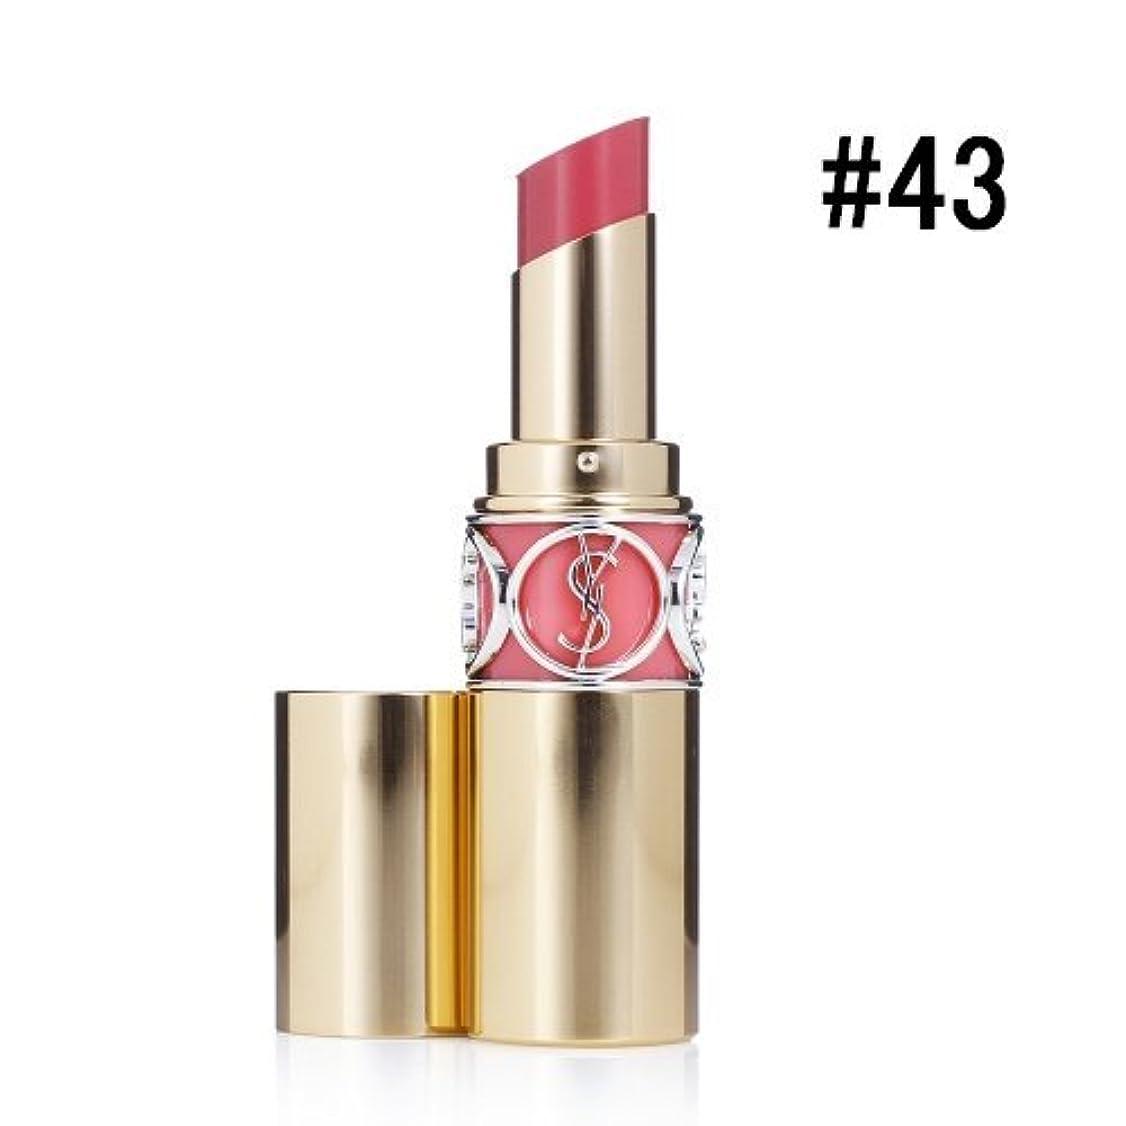 肌うなる更新するイヴサンローラン(Yves Saint Laurent) ルージュ ヴォリュプテ シャイン #43 ROSE RIVE GAUCHE 4.5g[並行輸入品]